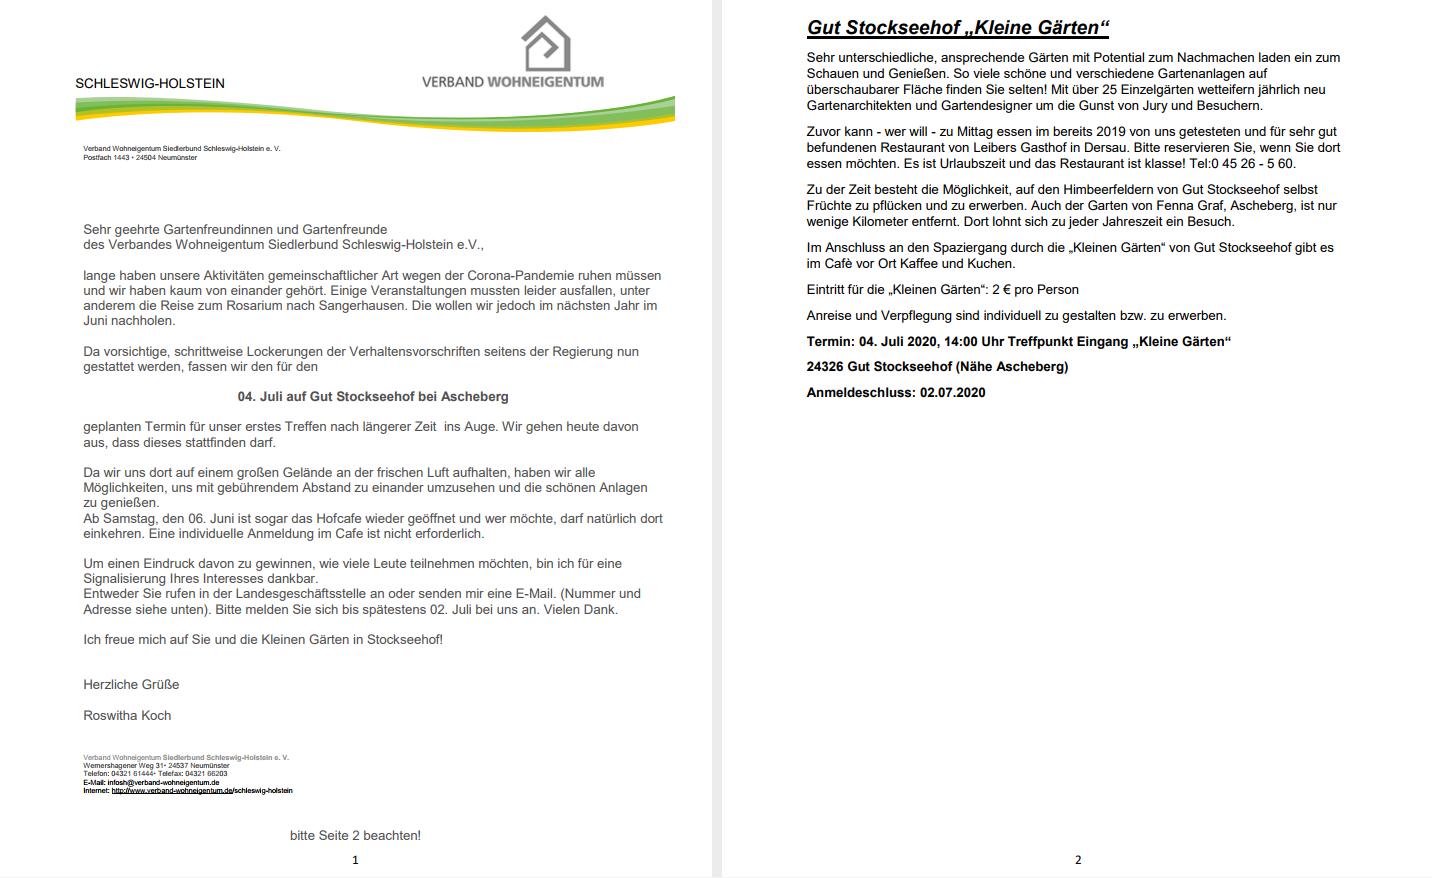 2020-06-04 Gut Stockseehof